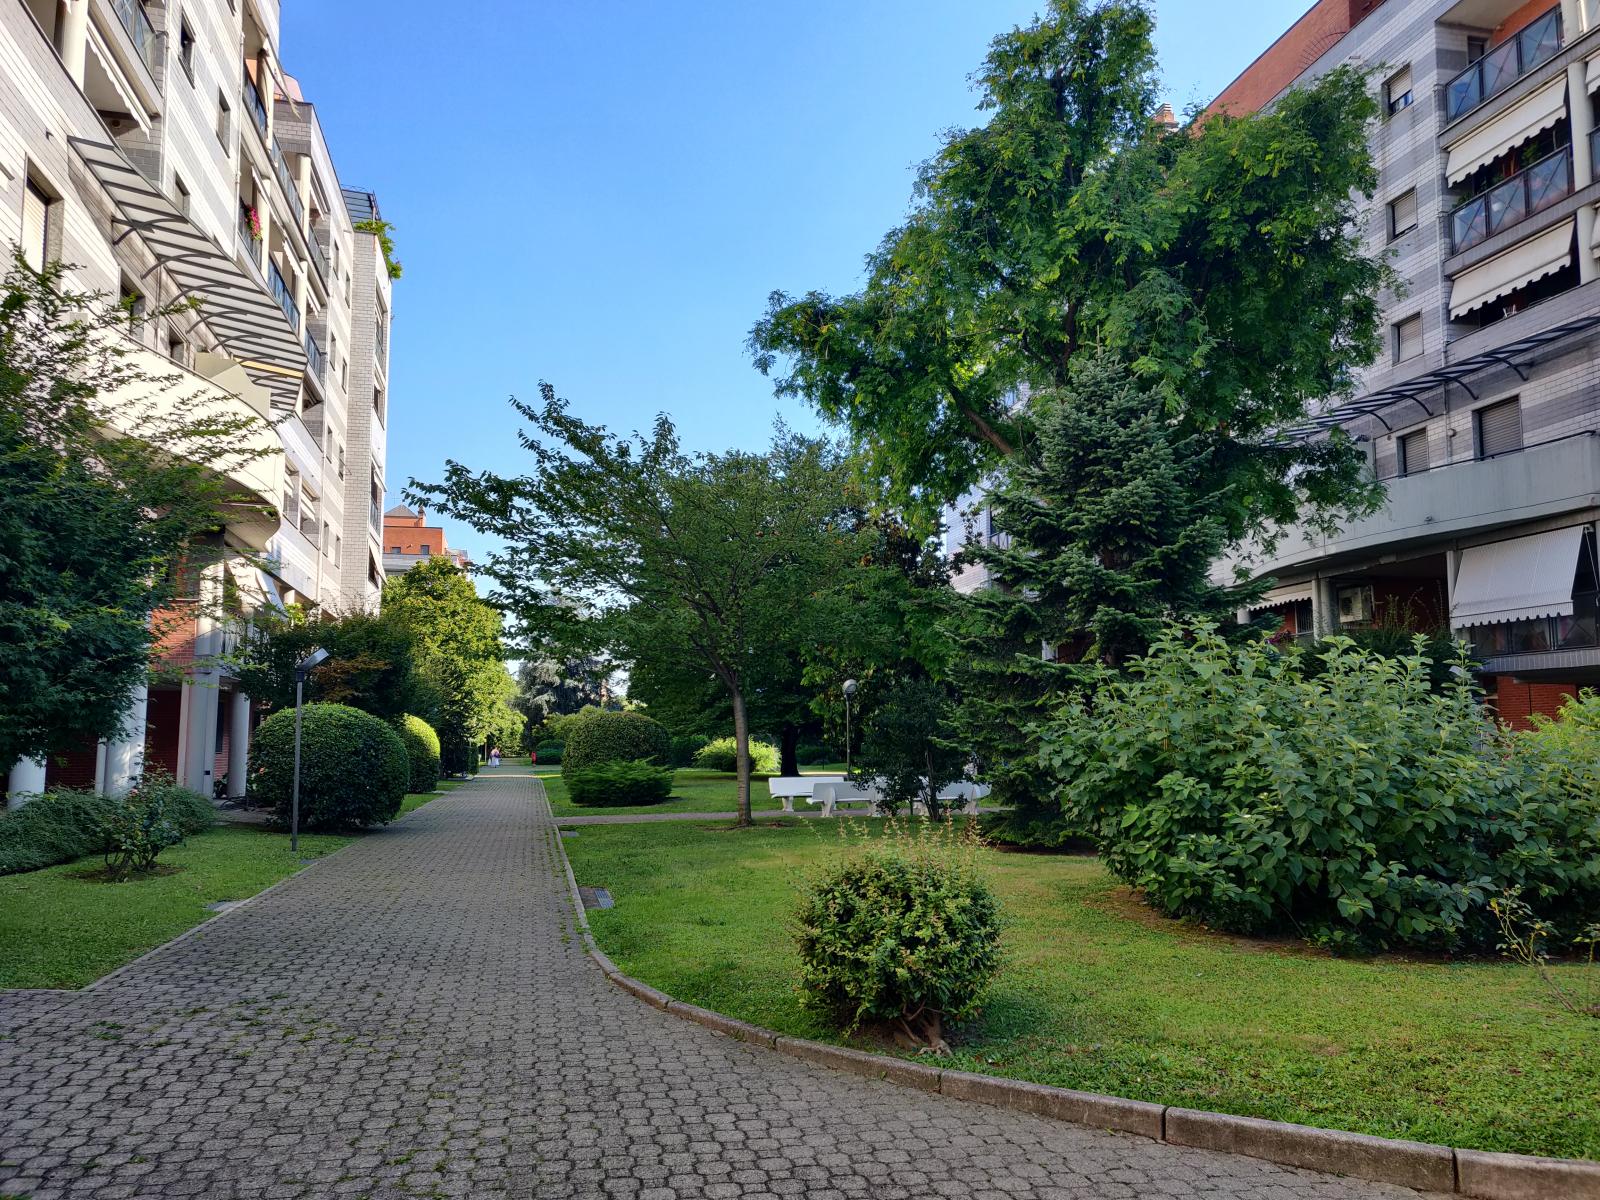 appartamento-in-vendita-bilocale-2-locali-milano-baggio-cividale-del-friuli-spaziourbano-immobiliare-vende-6